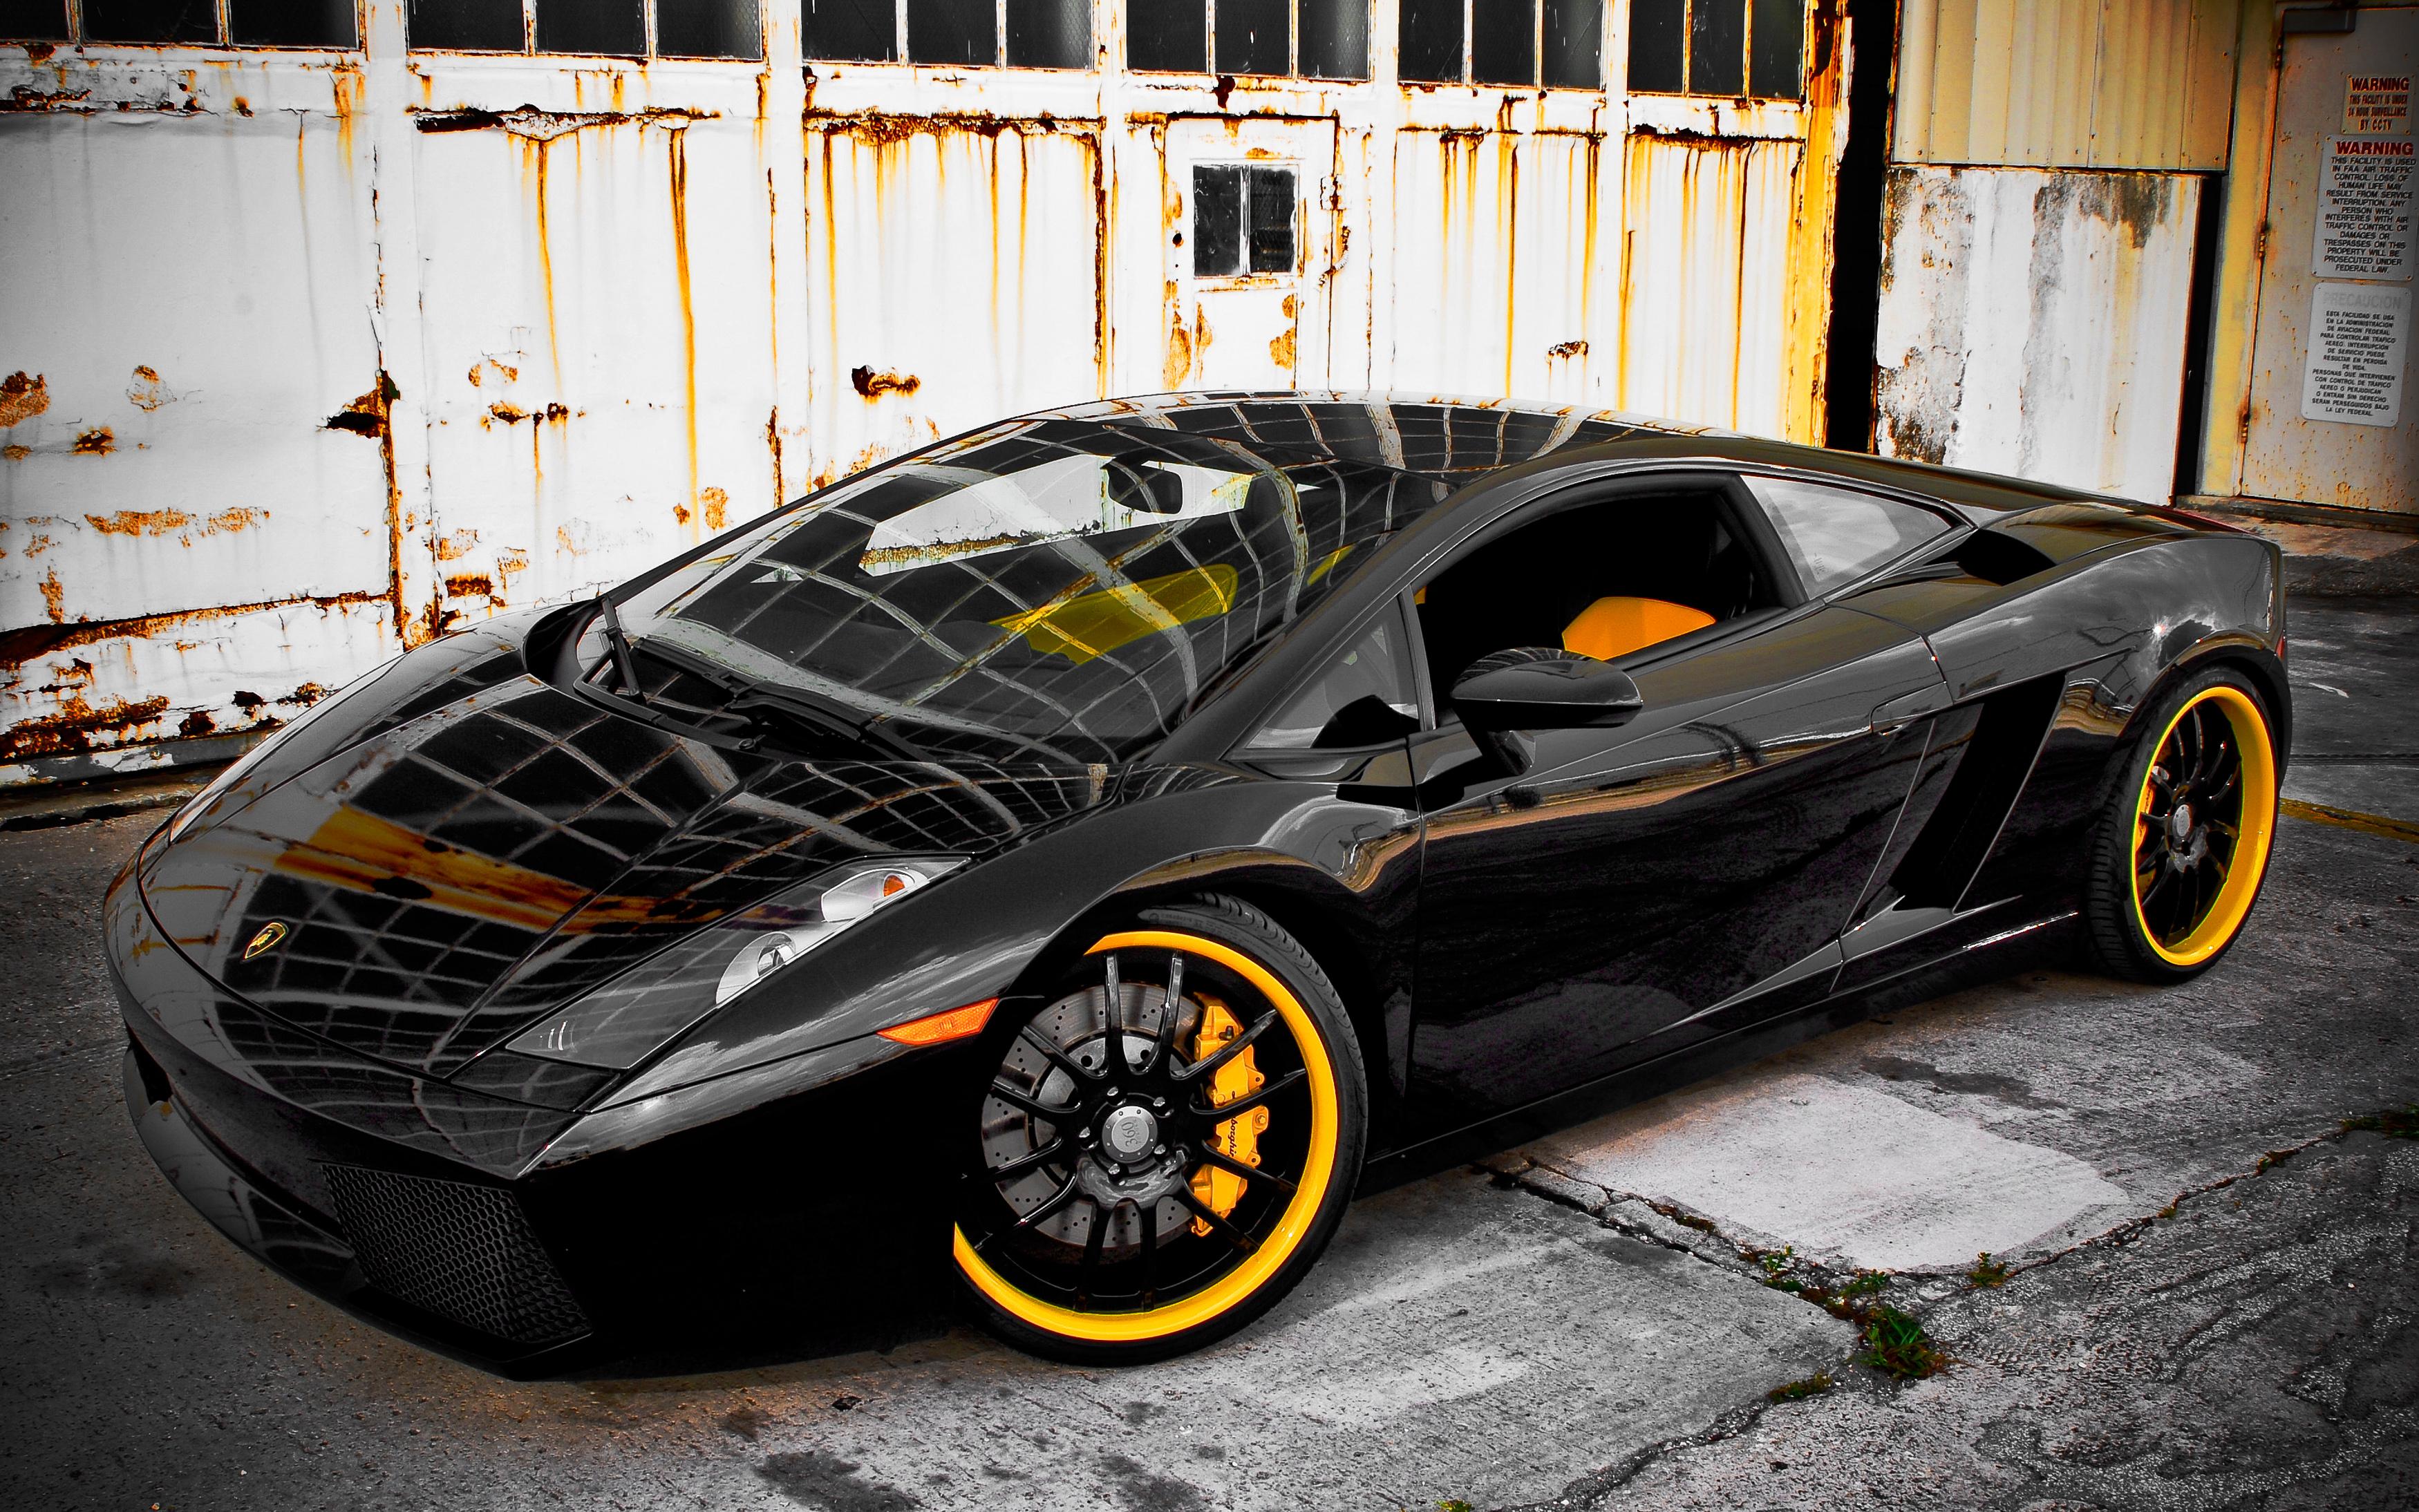 Země, kde se nevyplatí šlapat na plyn: I policisté mohou mít Lamborghini